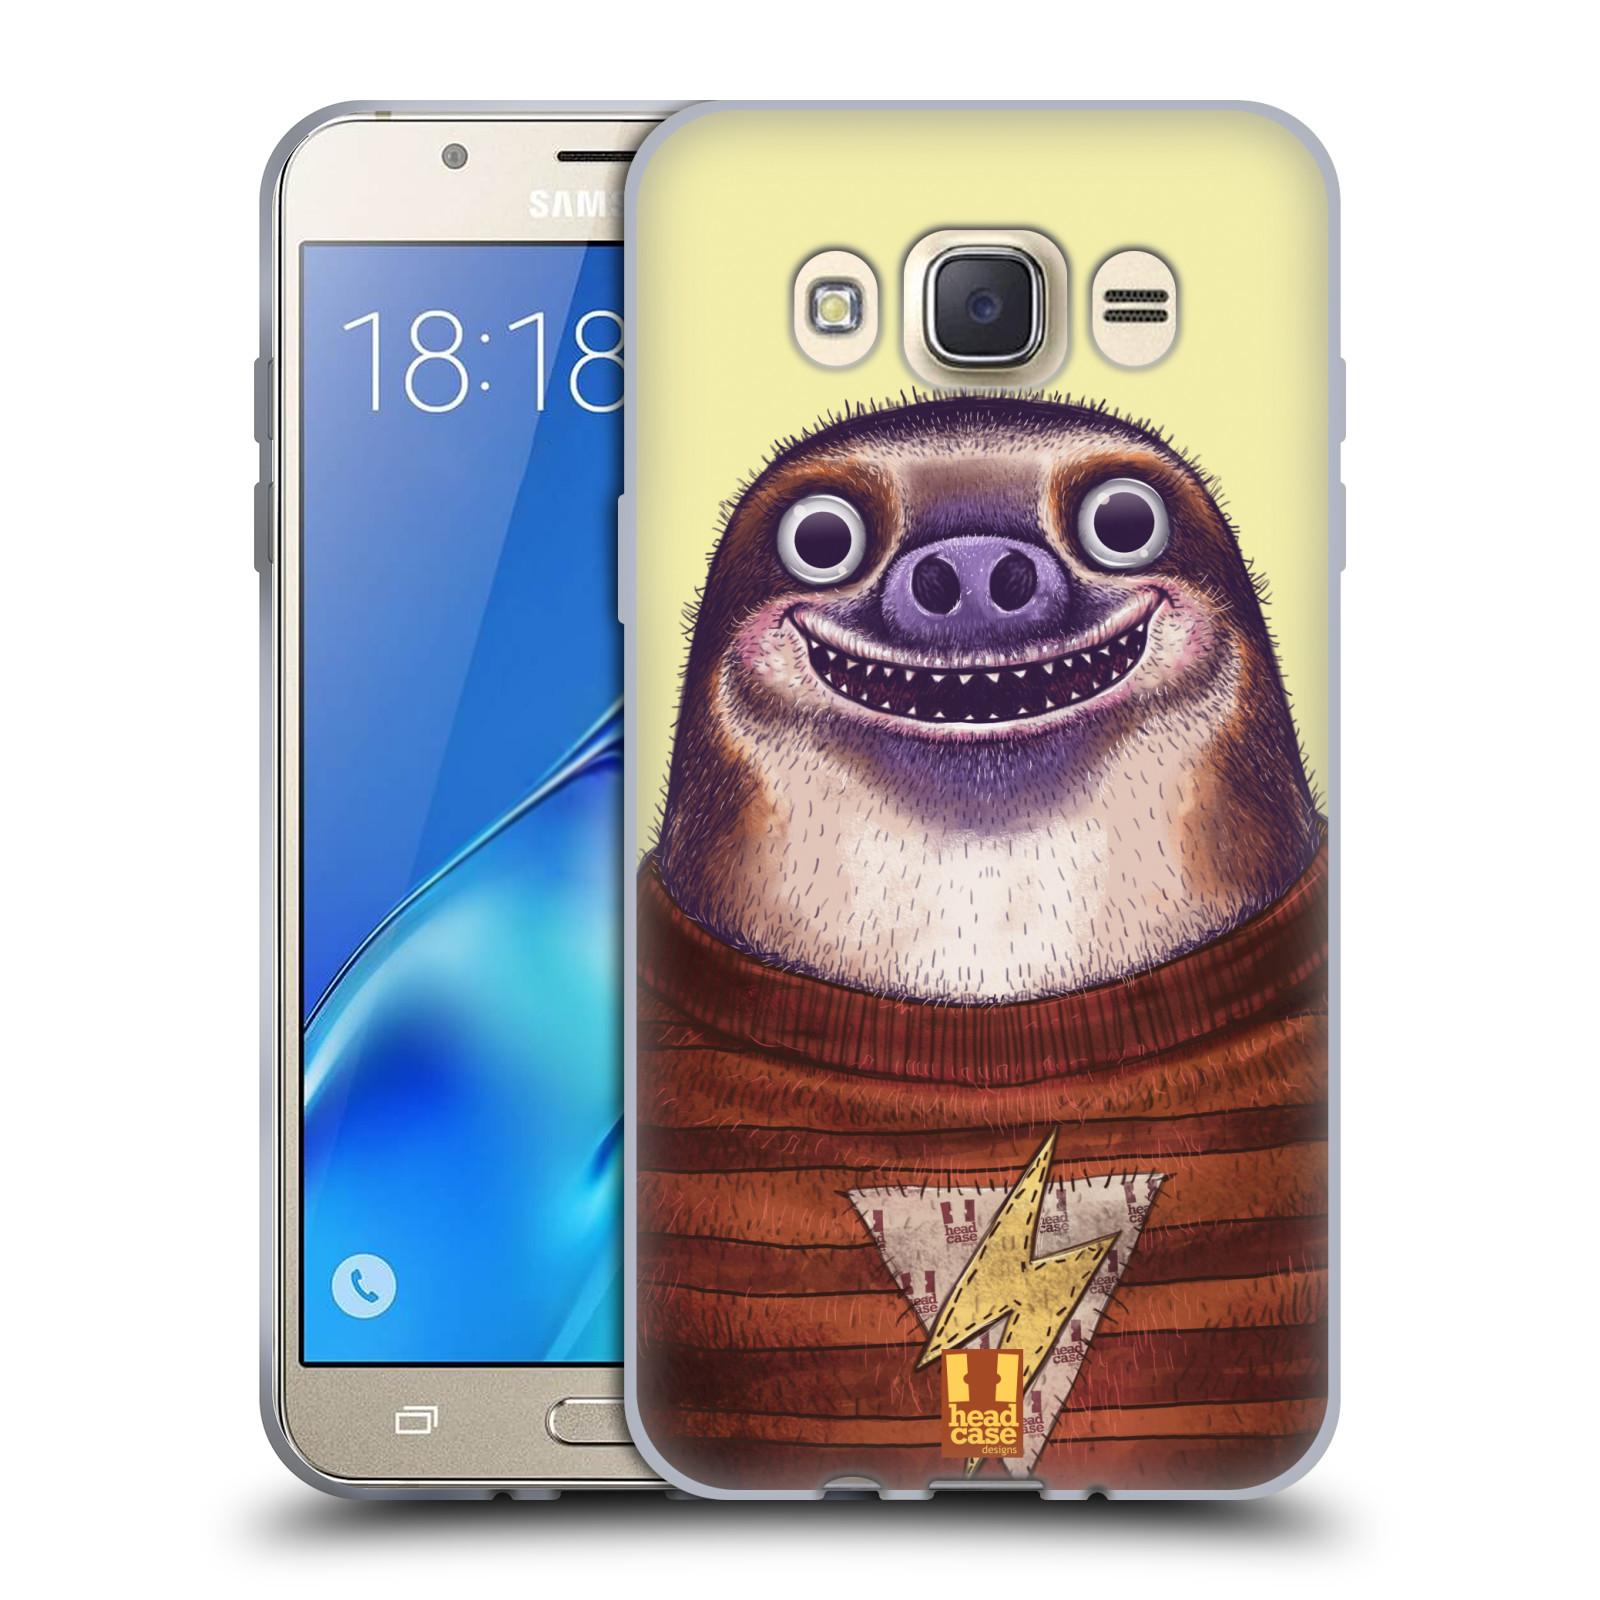 Silikonové pouzdro na mobil Samsung Galaxy J7 (2016) HEAD CASE ANIMPLA LENOCHOD